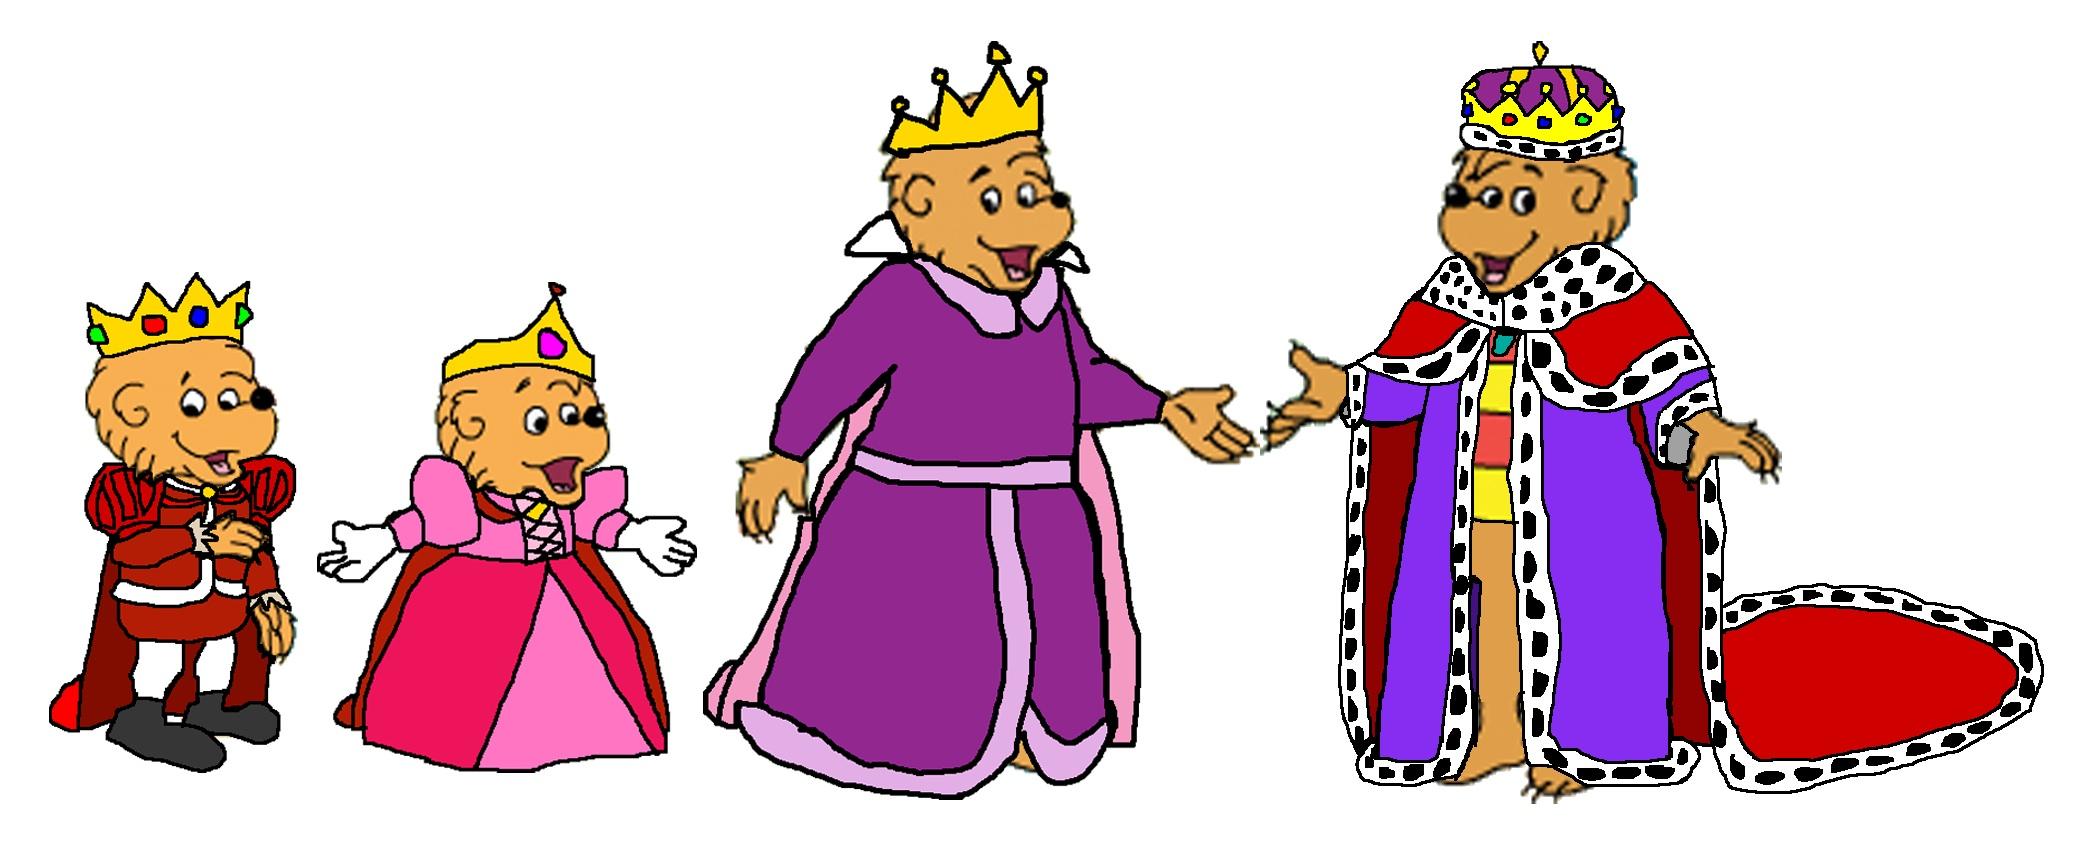 free clip art royal family - photo #17